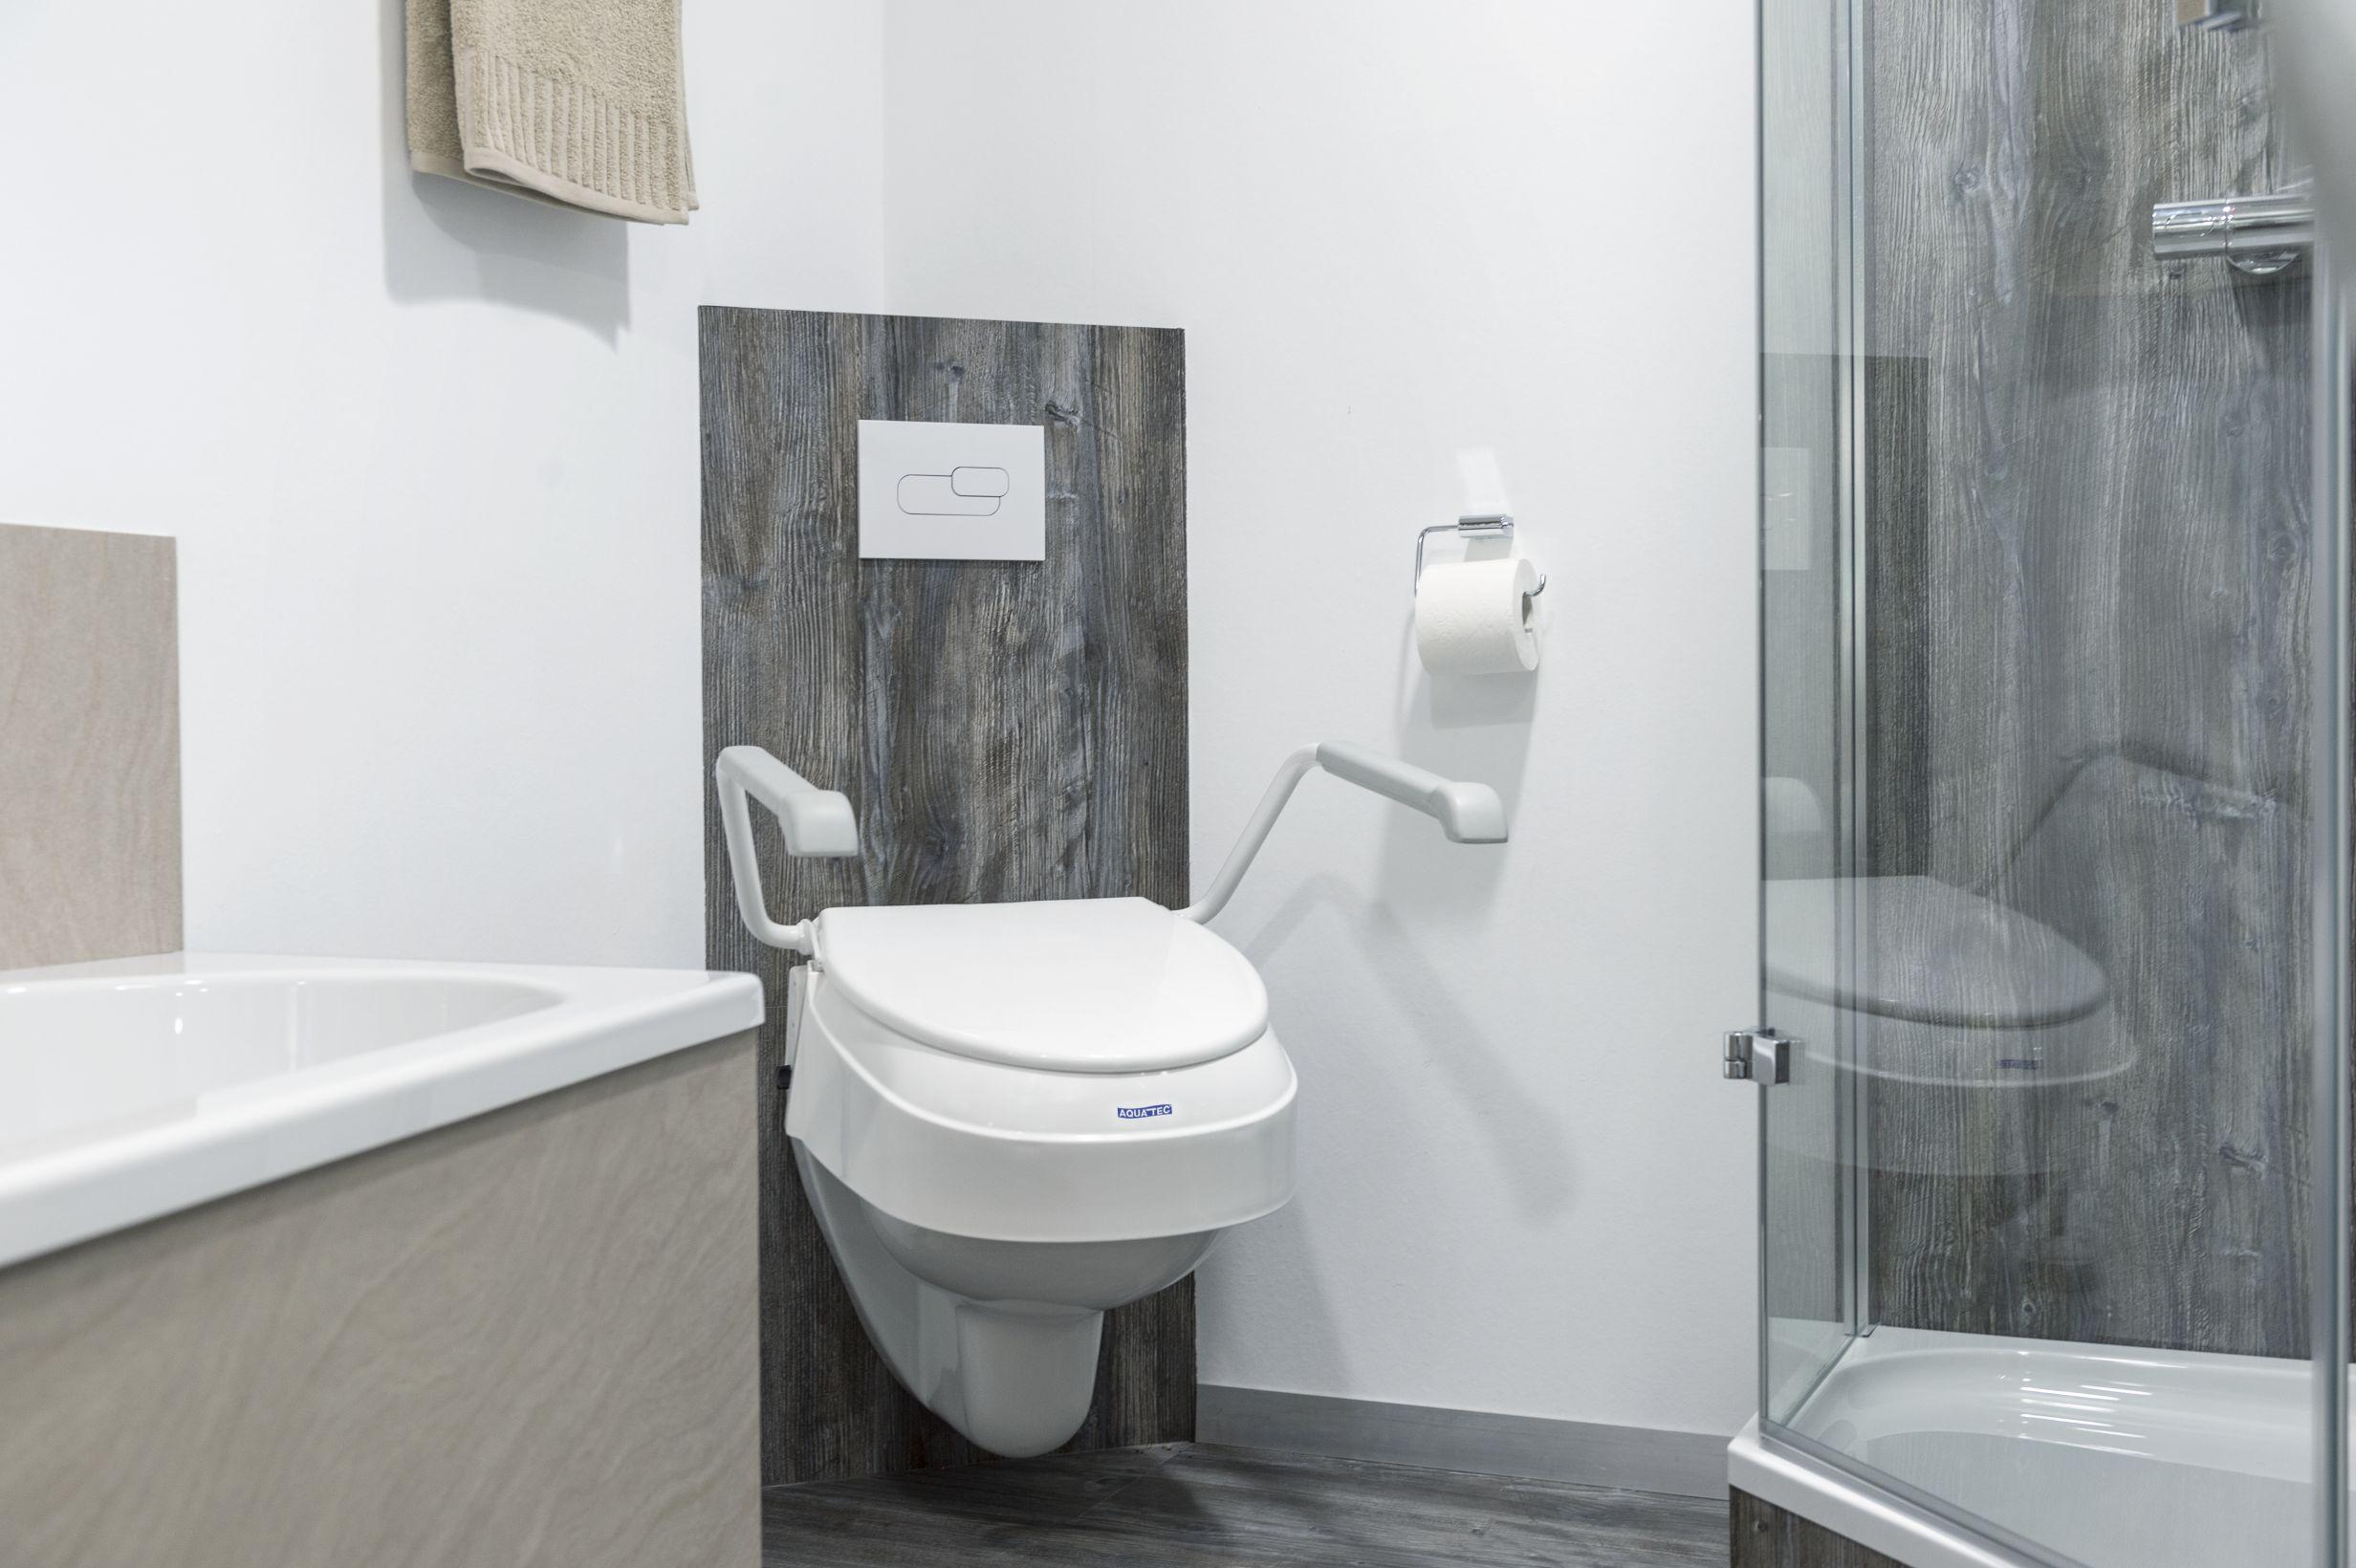 Туалеты для инвалидов купить Киев Харьков Днепр